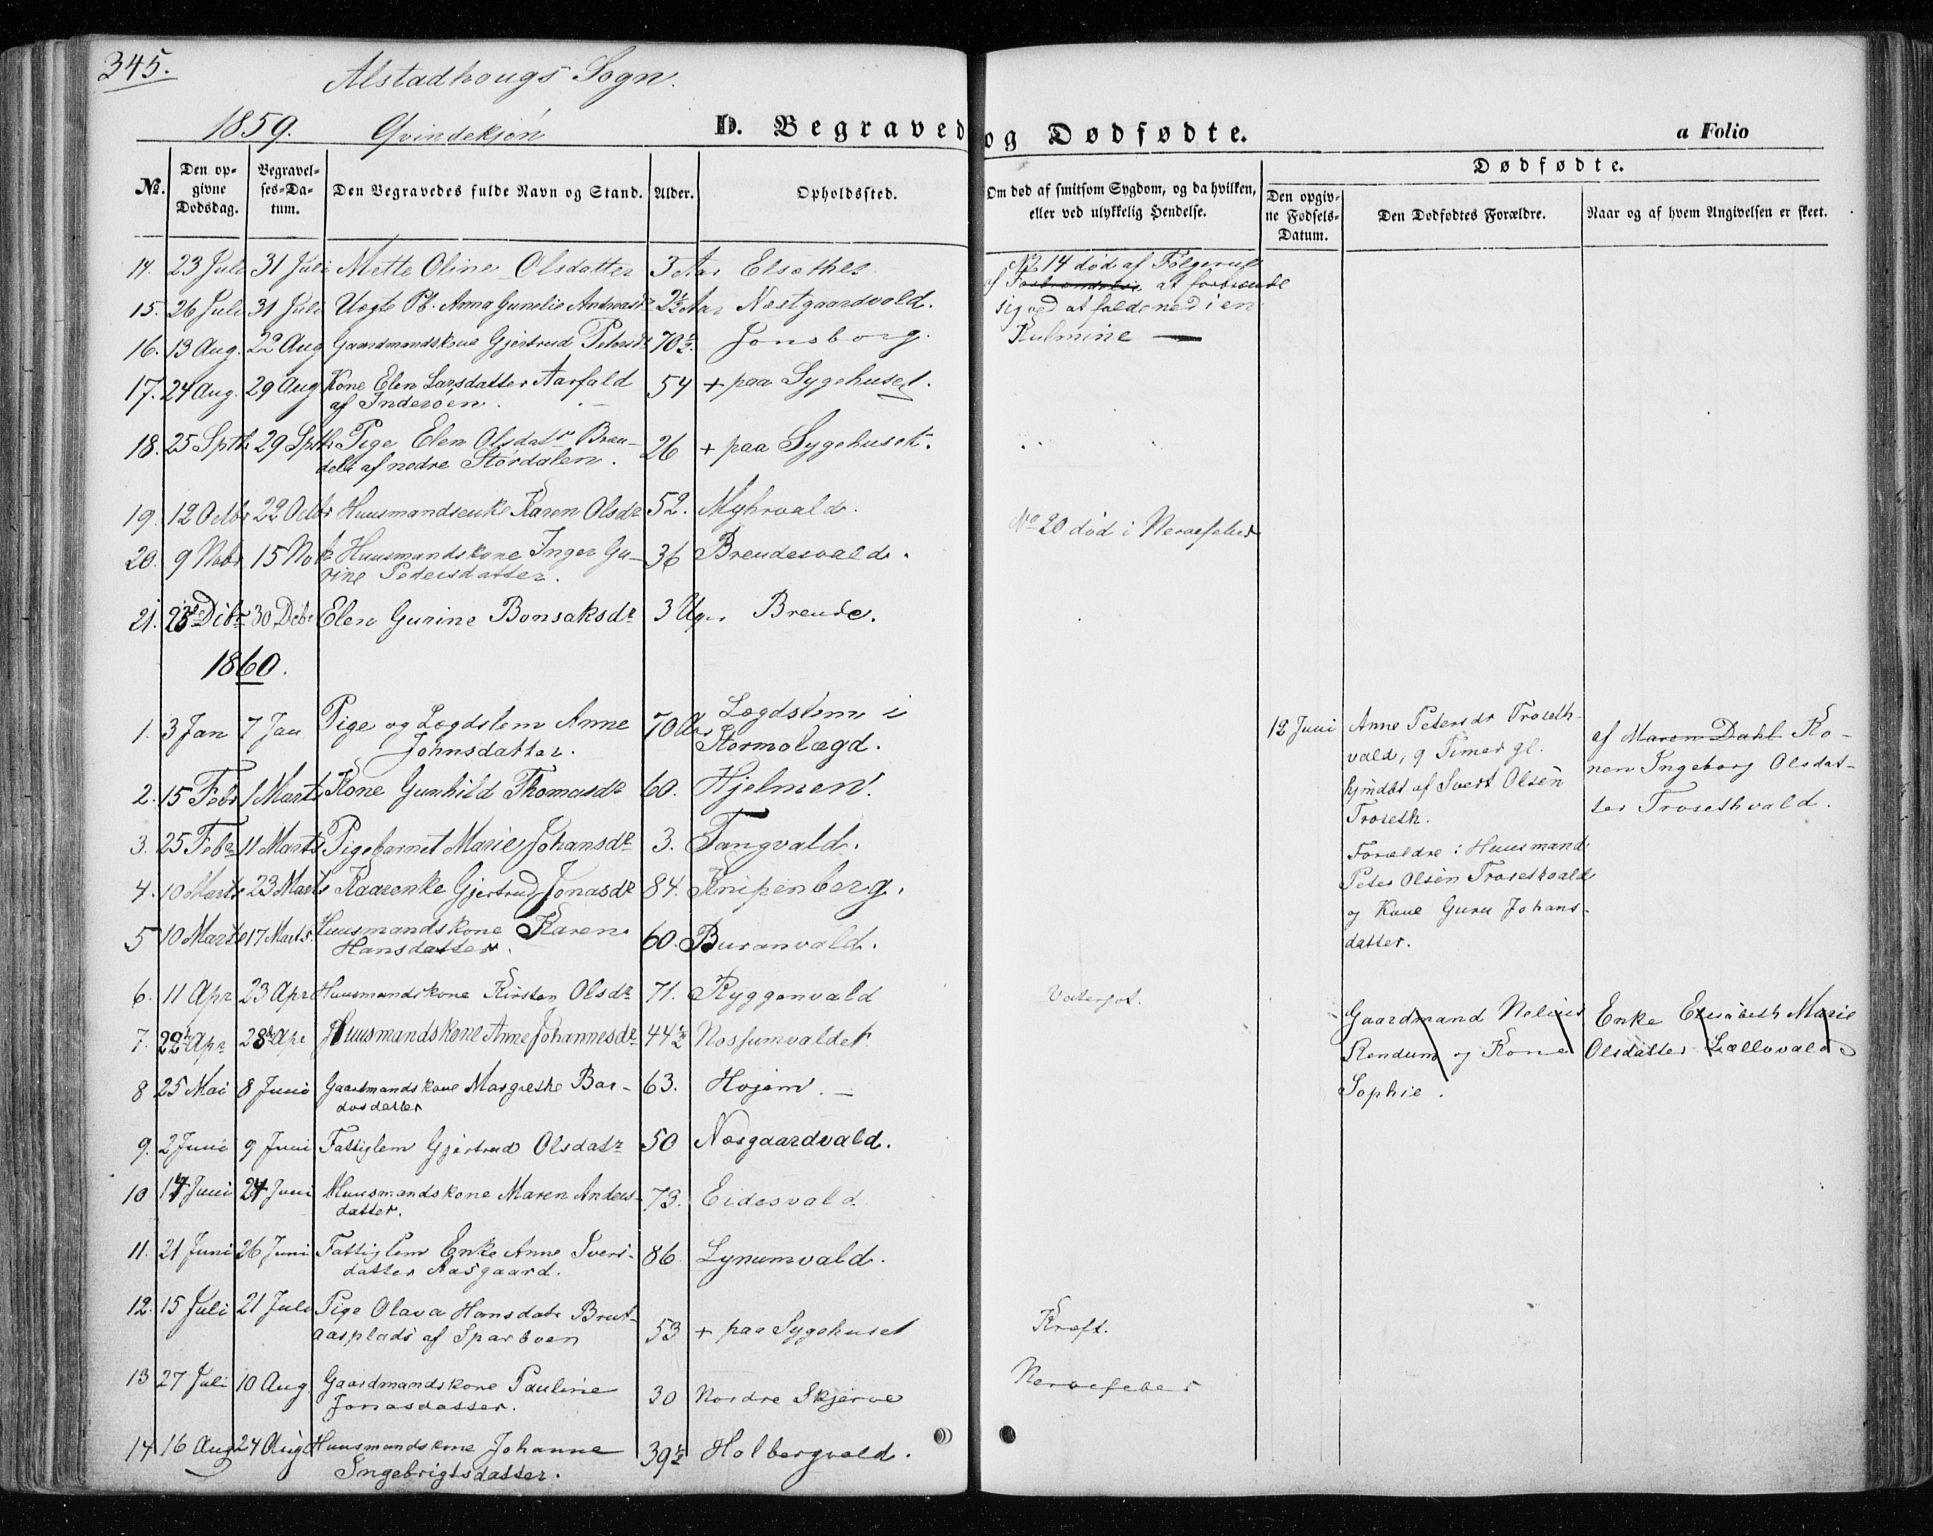 SAT, Ministerialprotokoller, klokkerbøker og fødselsregistre - Nord-Trøndelag, 717/L0154: Ministerialbok nr. 717A07 /1, 1850-1862, s. 345